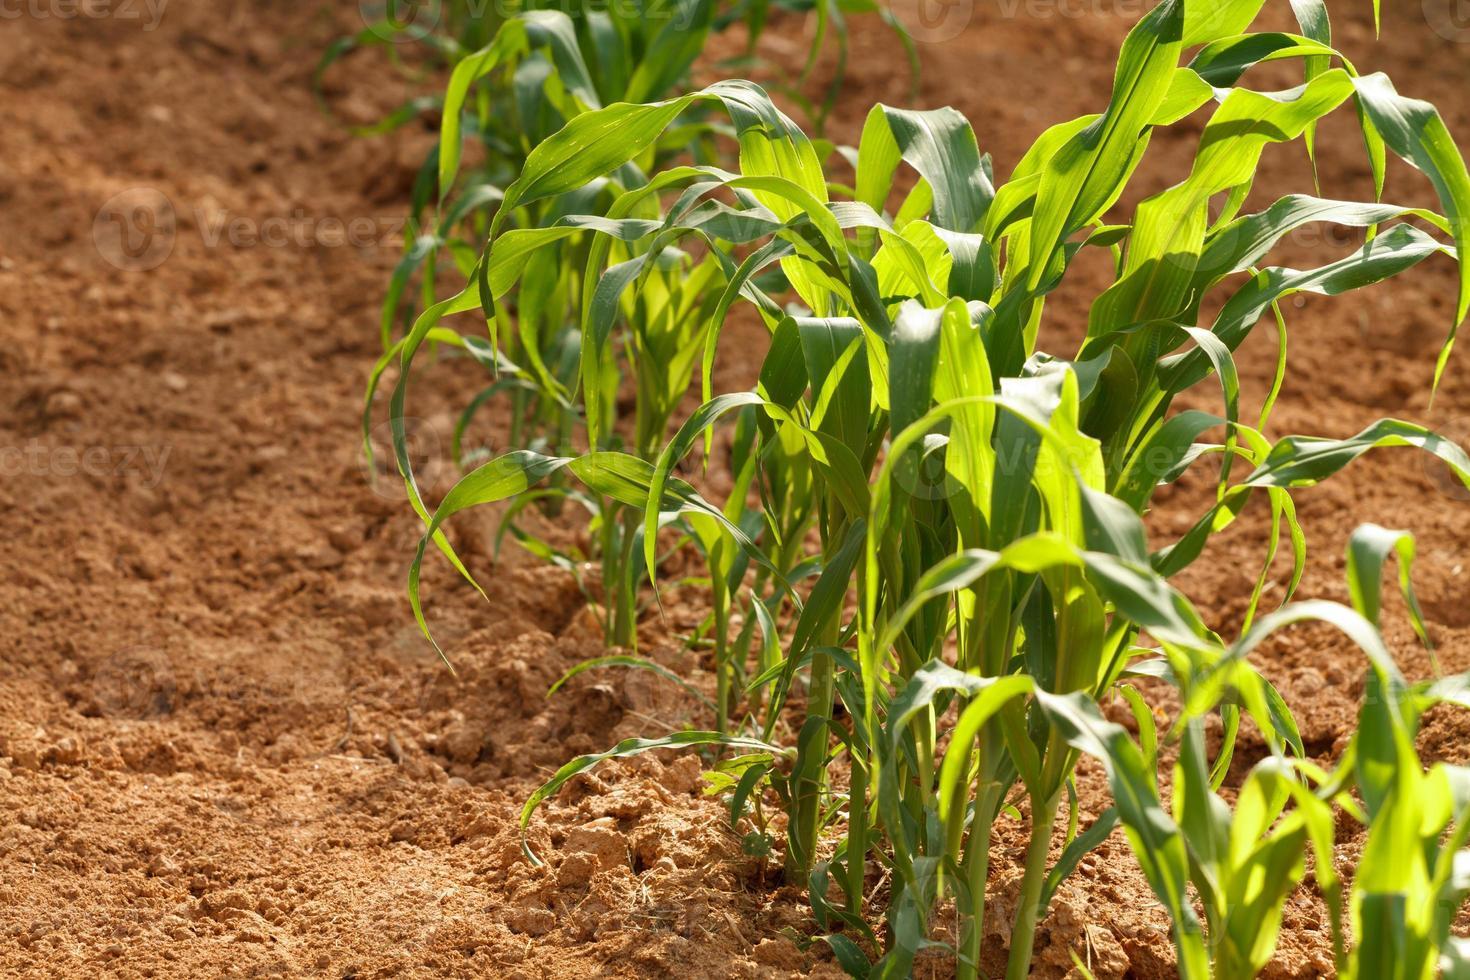 fila singola di giovani piante di mais in un giardino di campagna foto